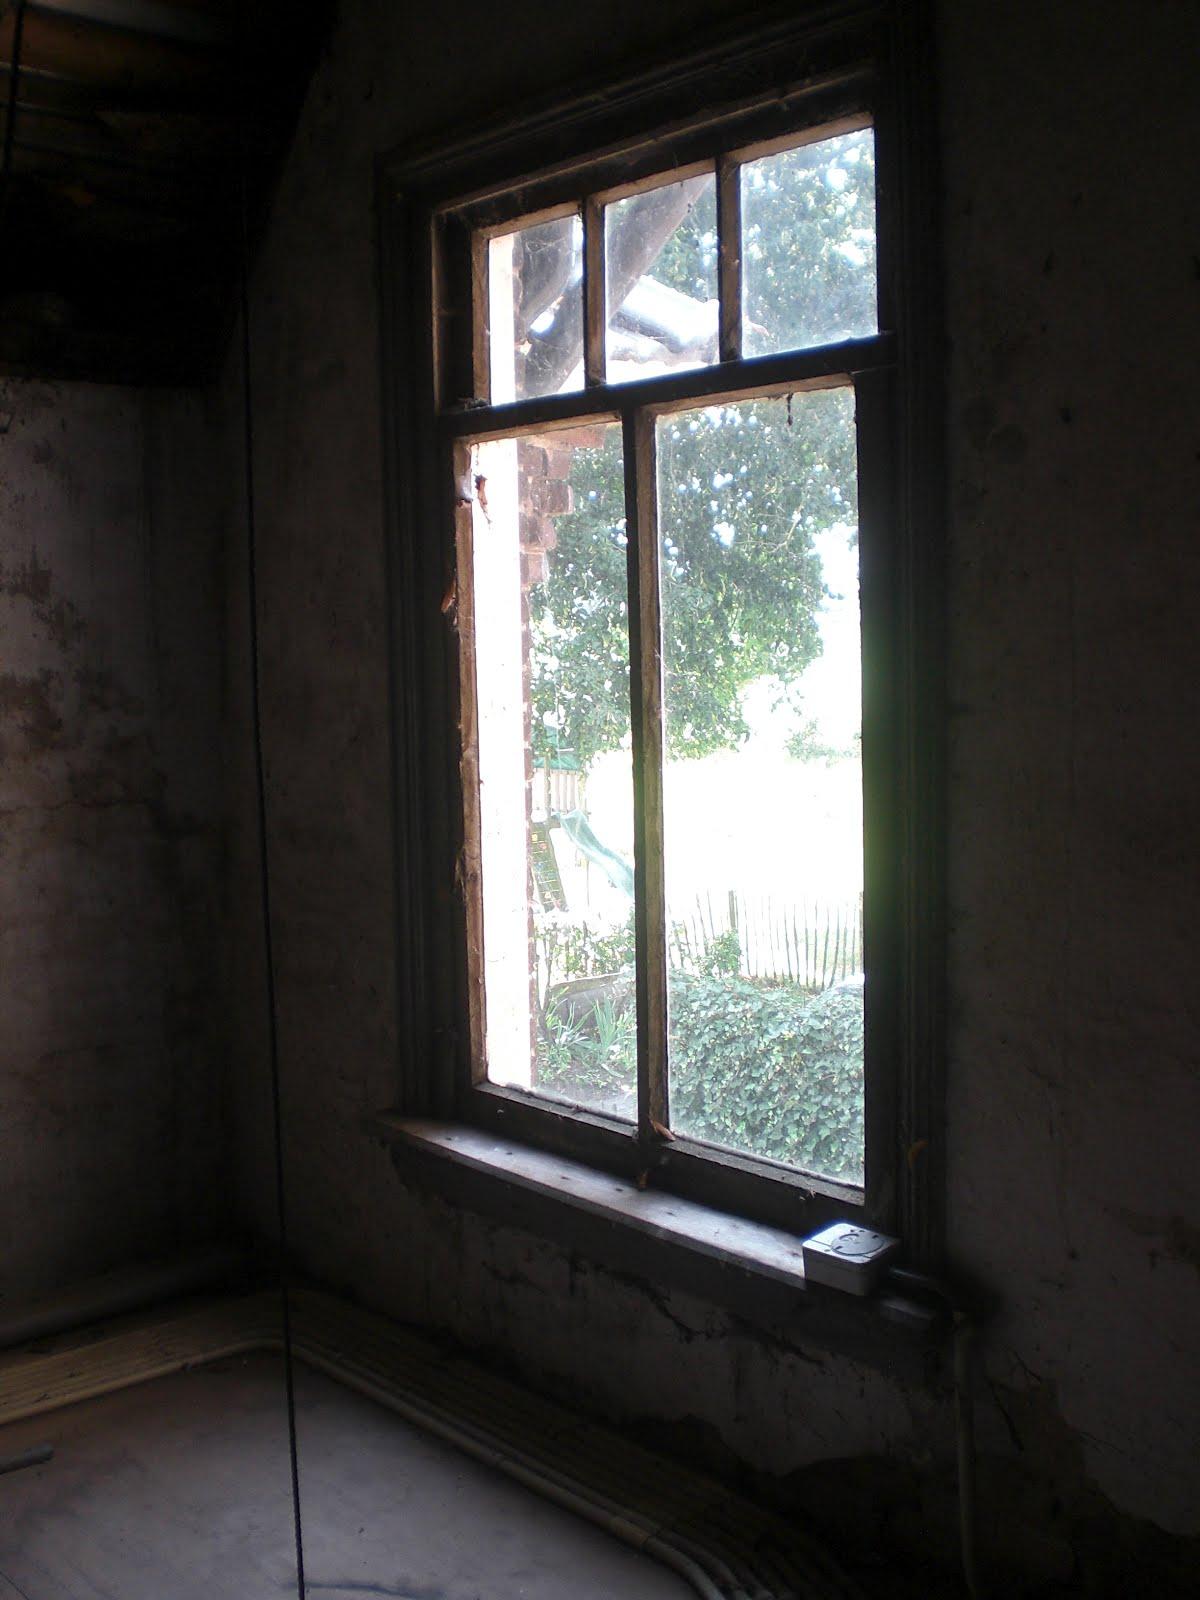 Mignon nieuwe slaapkamer - Mooie meid slaapkamer ...